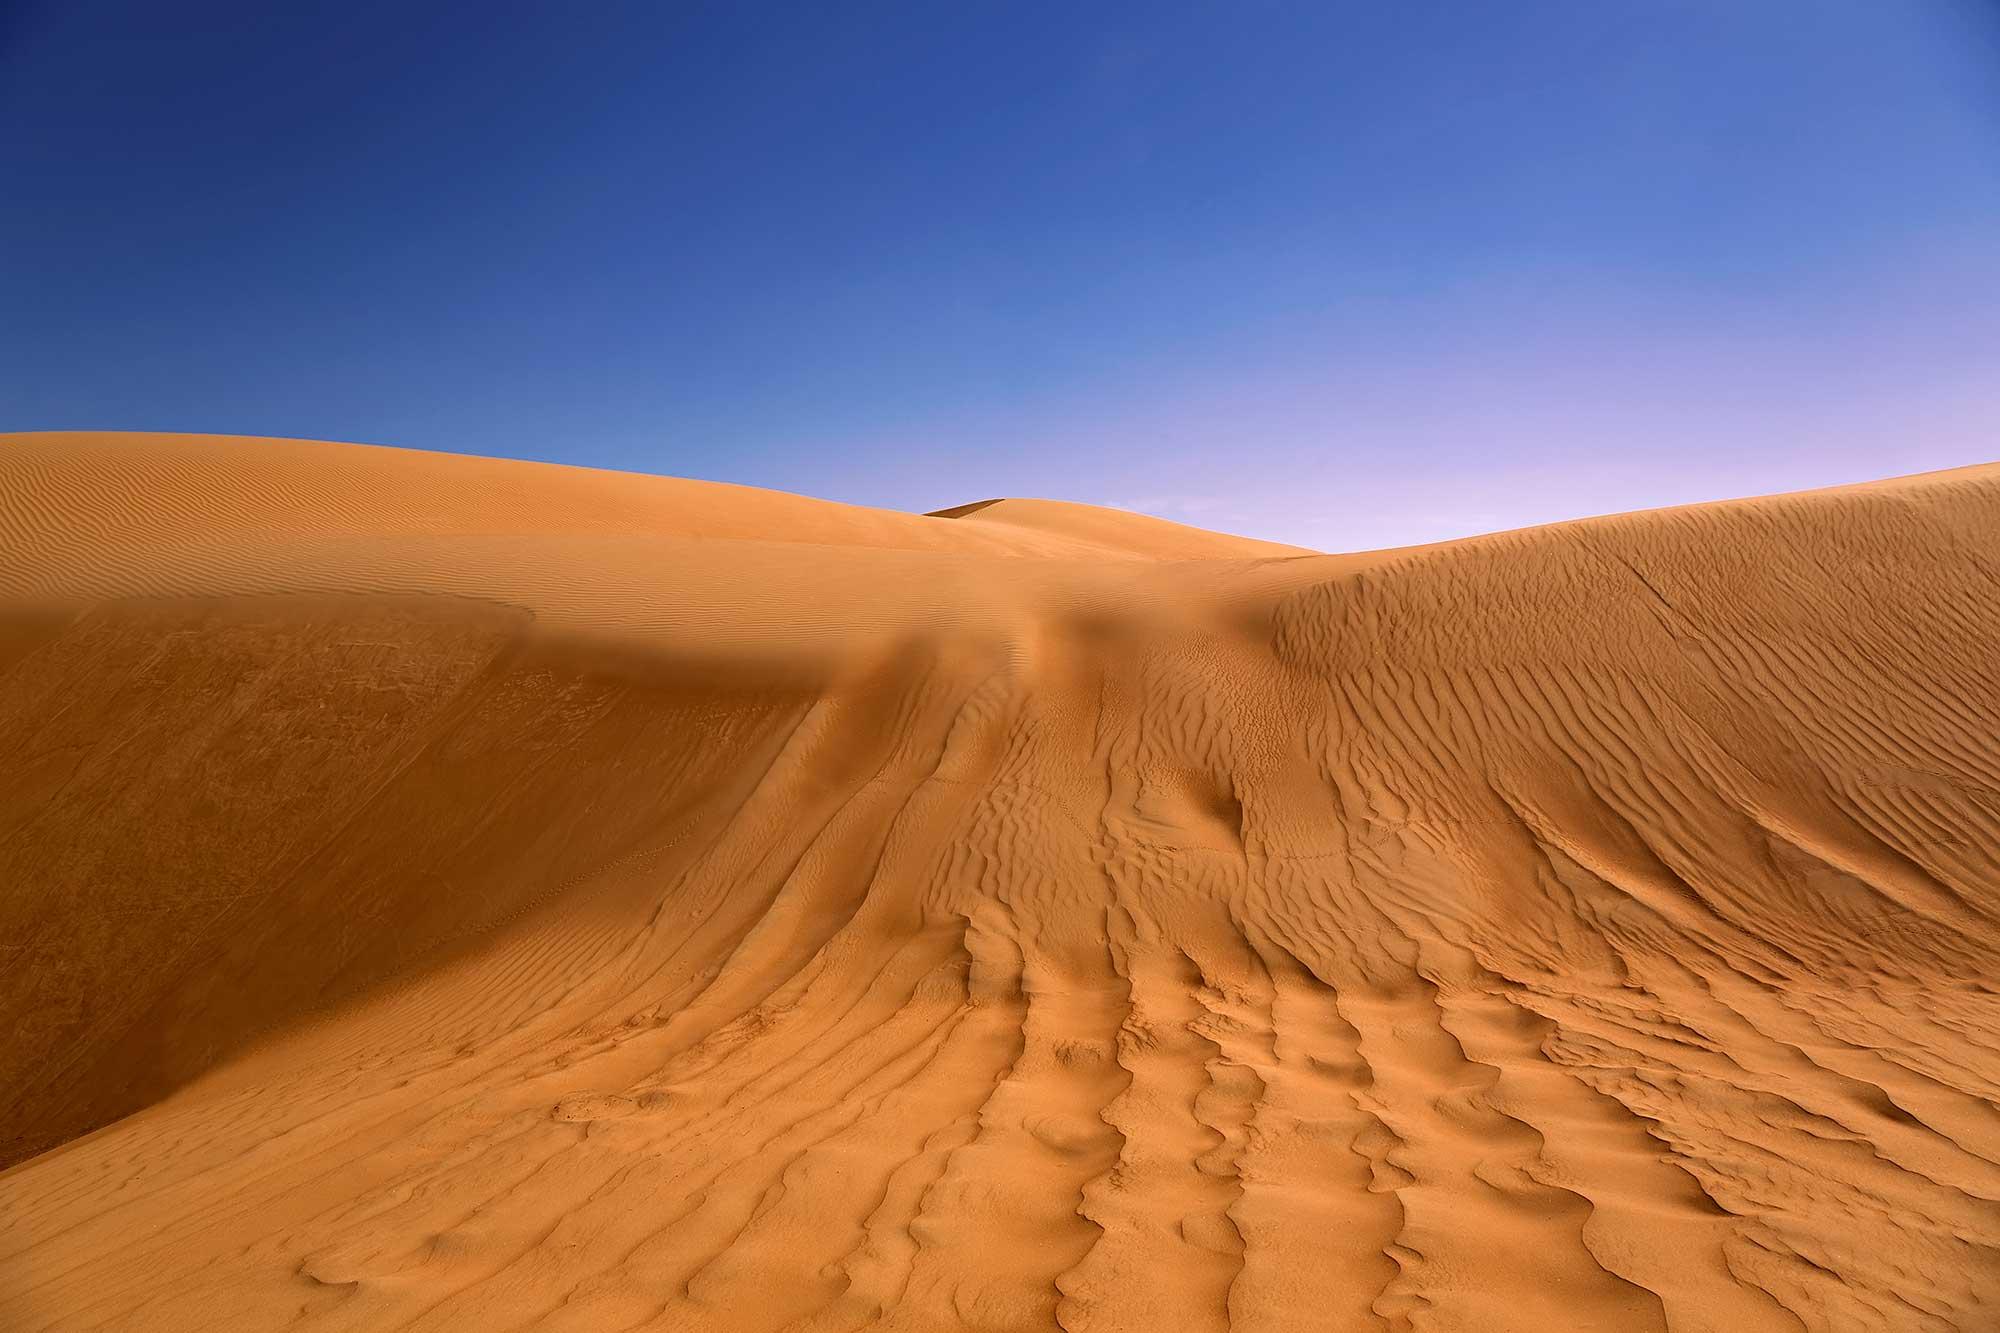 Sand dunes of the Rub' al Khali desert. © Ulli Maier & Nisa Maier